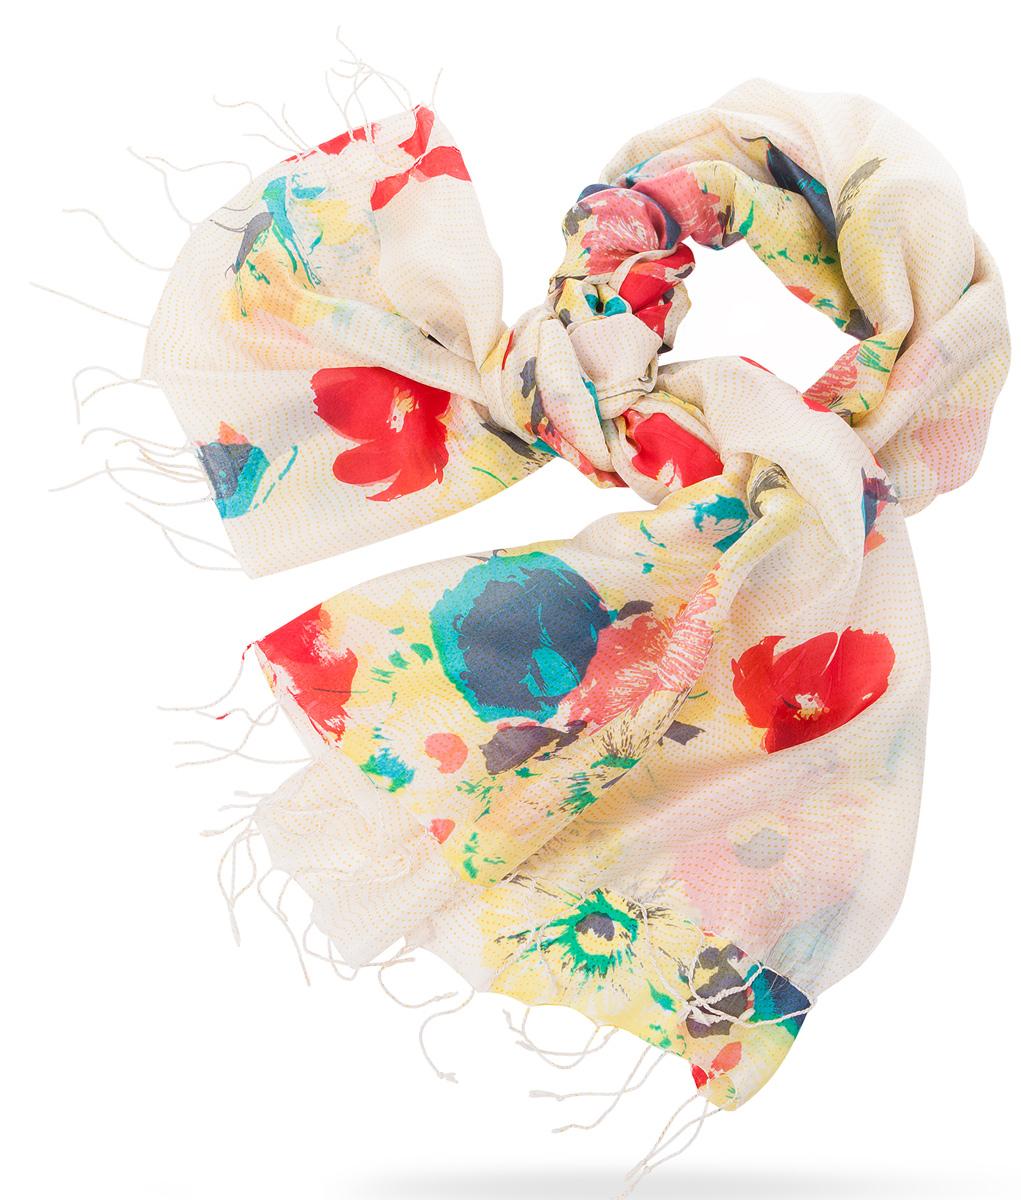 ПалантинS30-BRUSH.FLOWER/WHITEНарочито рыхлое плетение Plain тончайшей шелковой нитью Mulberry, нежная полупрозрачная ткань Chiffon. Вес изделия 60г (30 г/м2).